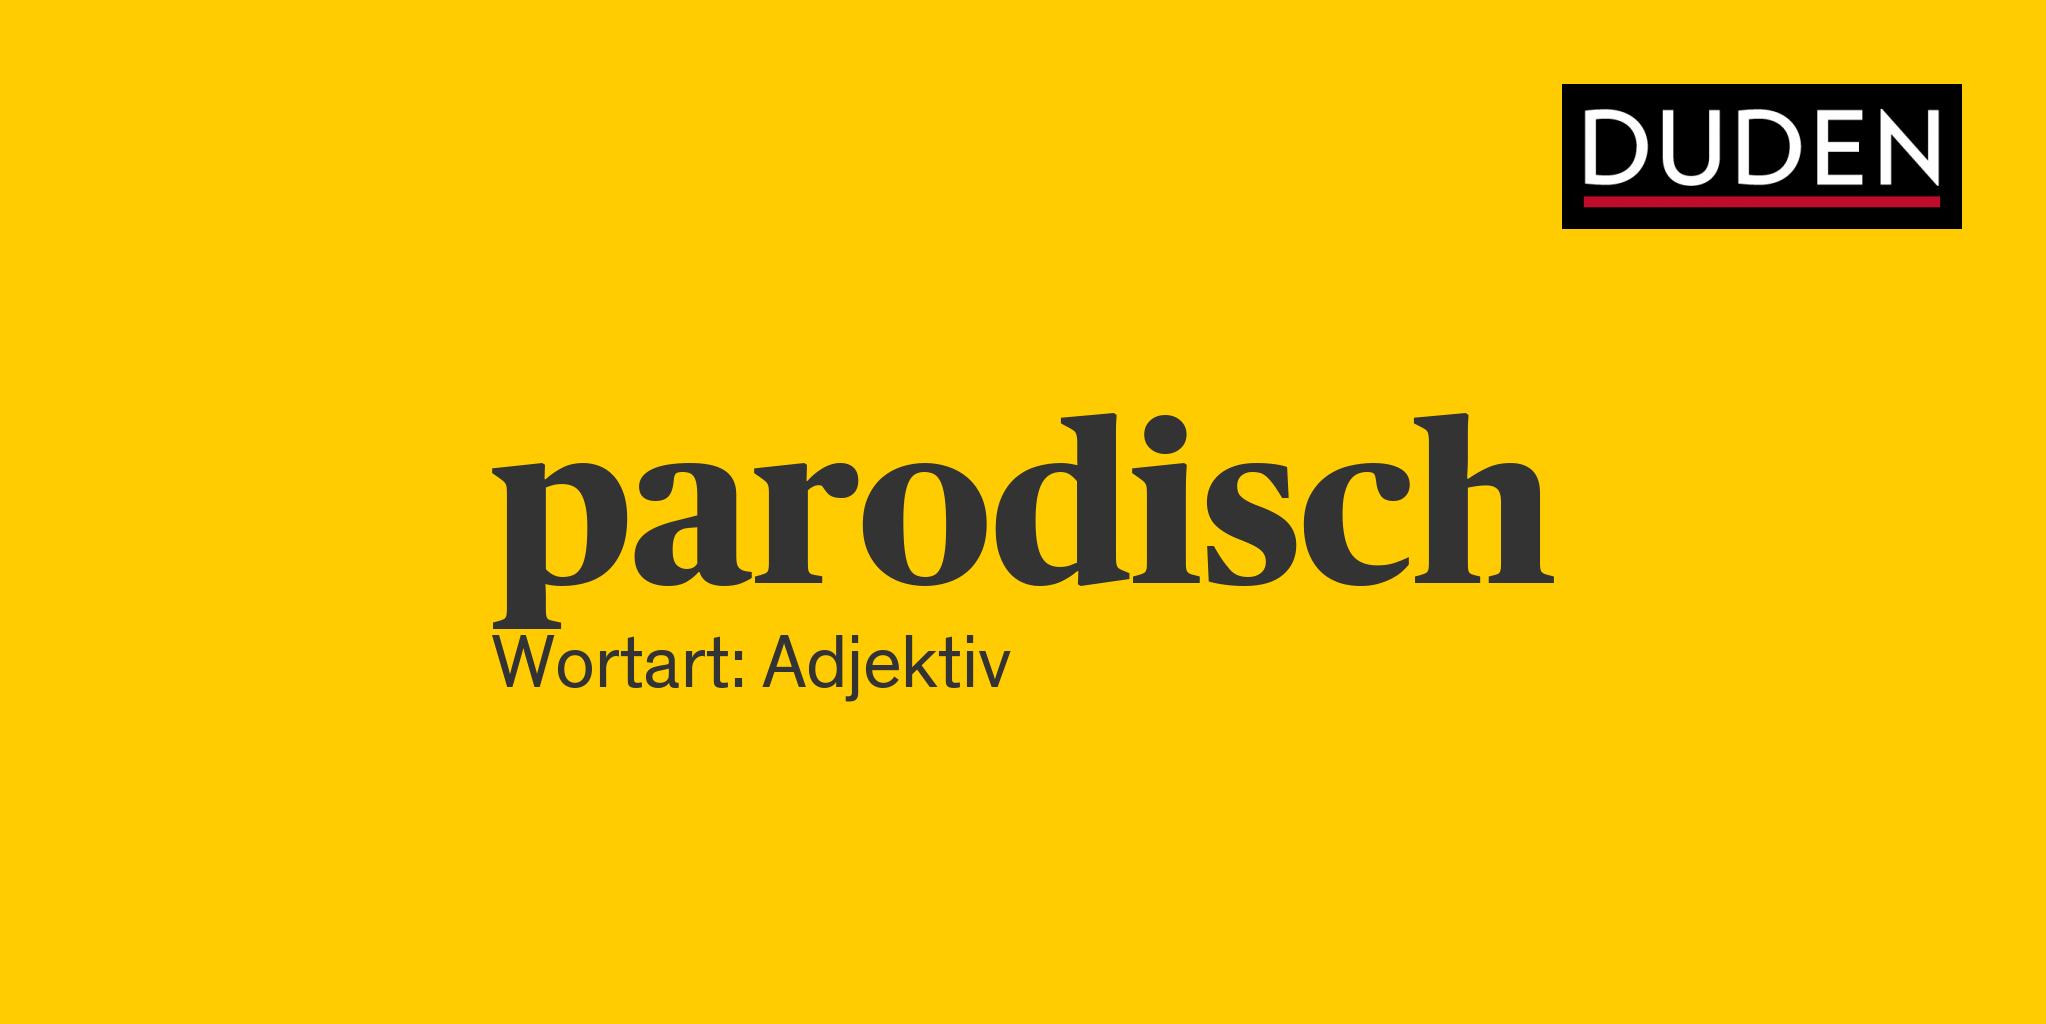 Parodisch